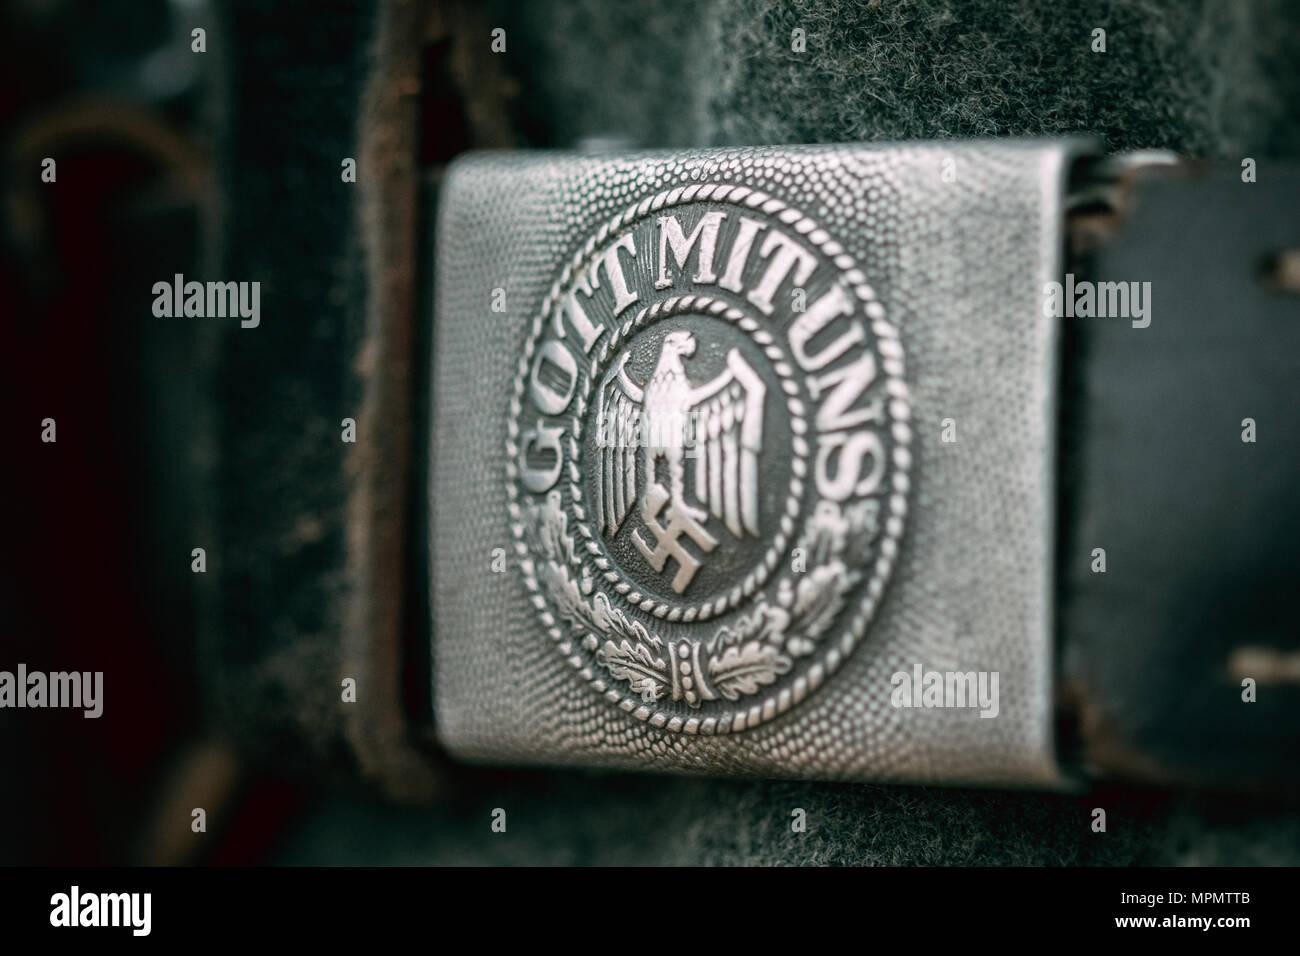 La fibbia della cinghia soldato tedesco della Wehrmacht durante la Seconda Guerra Mondiale di close-up con la scritta - Dio è con noi Immagini Stock